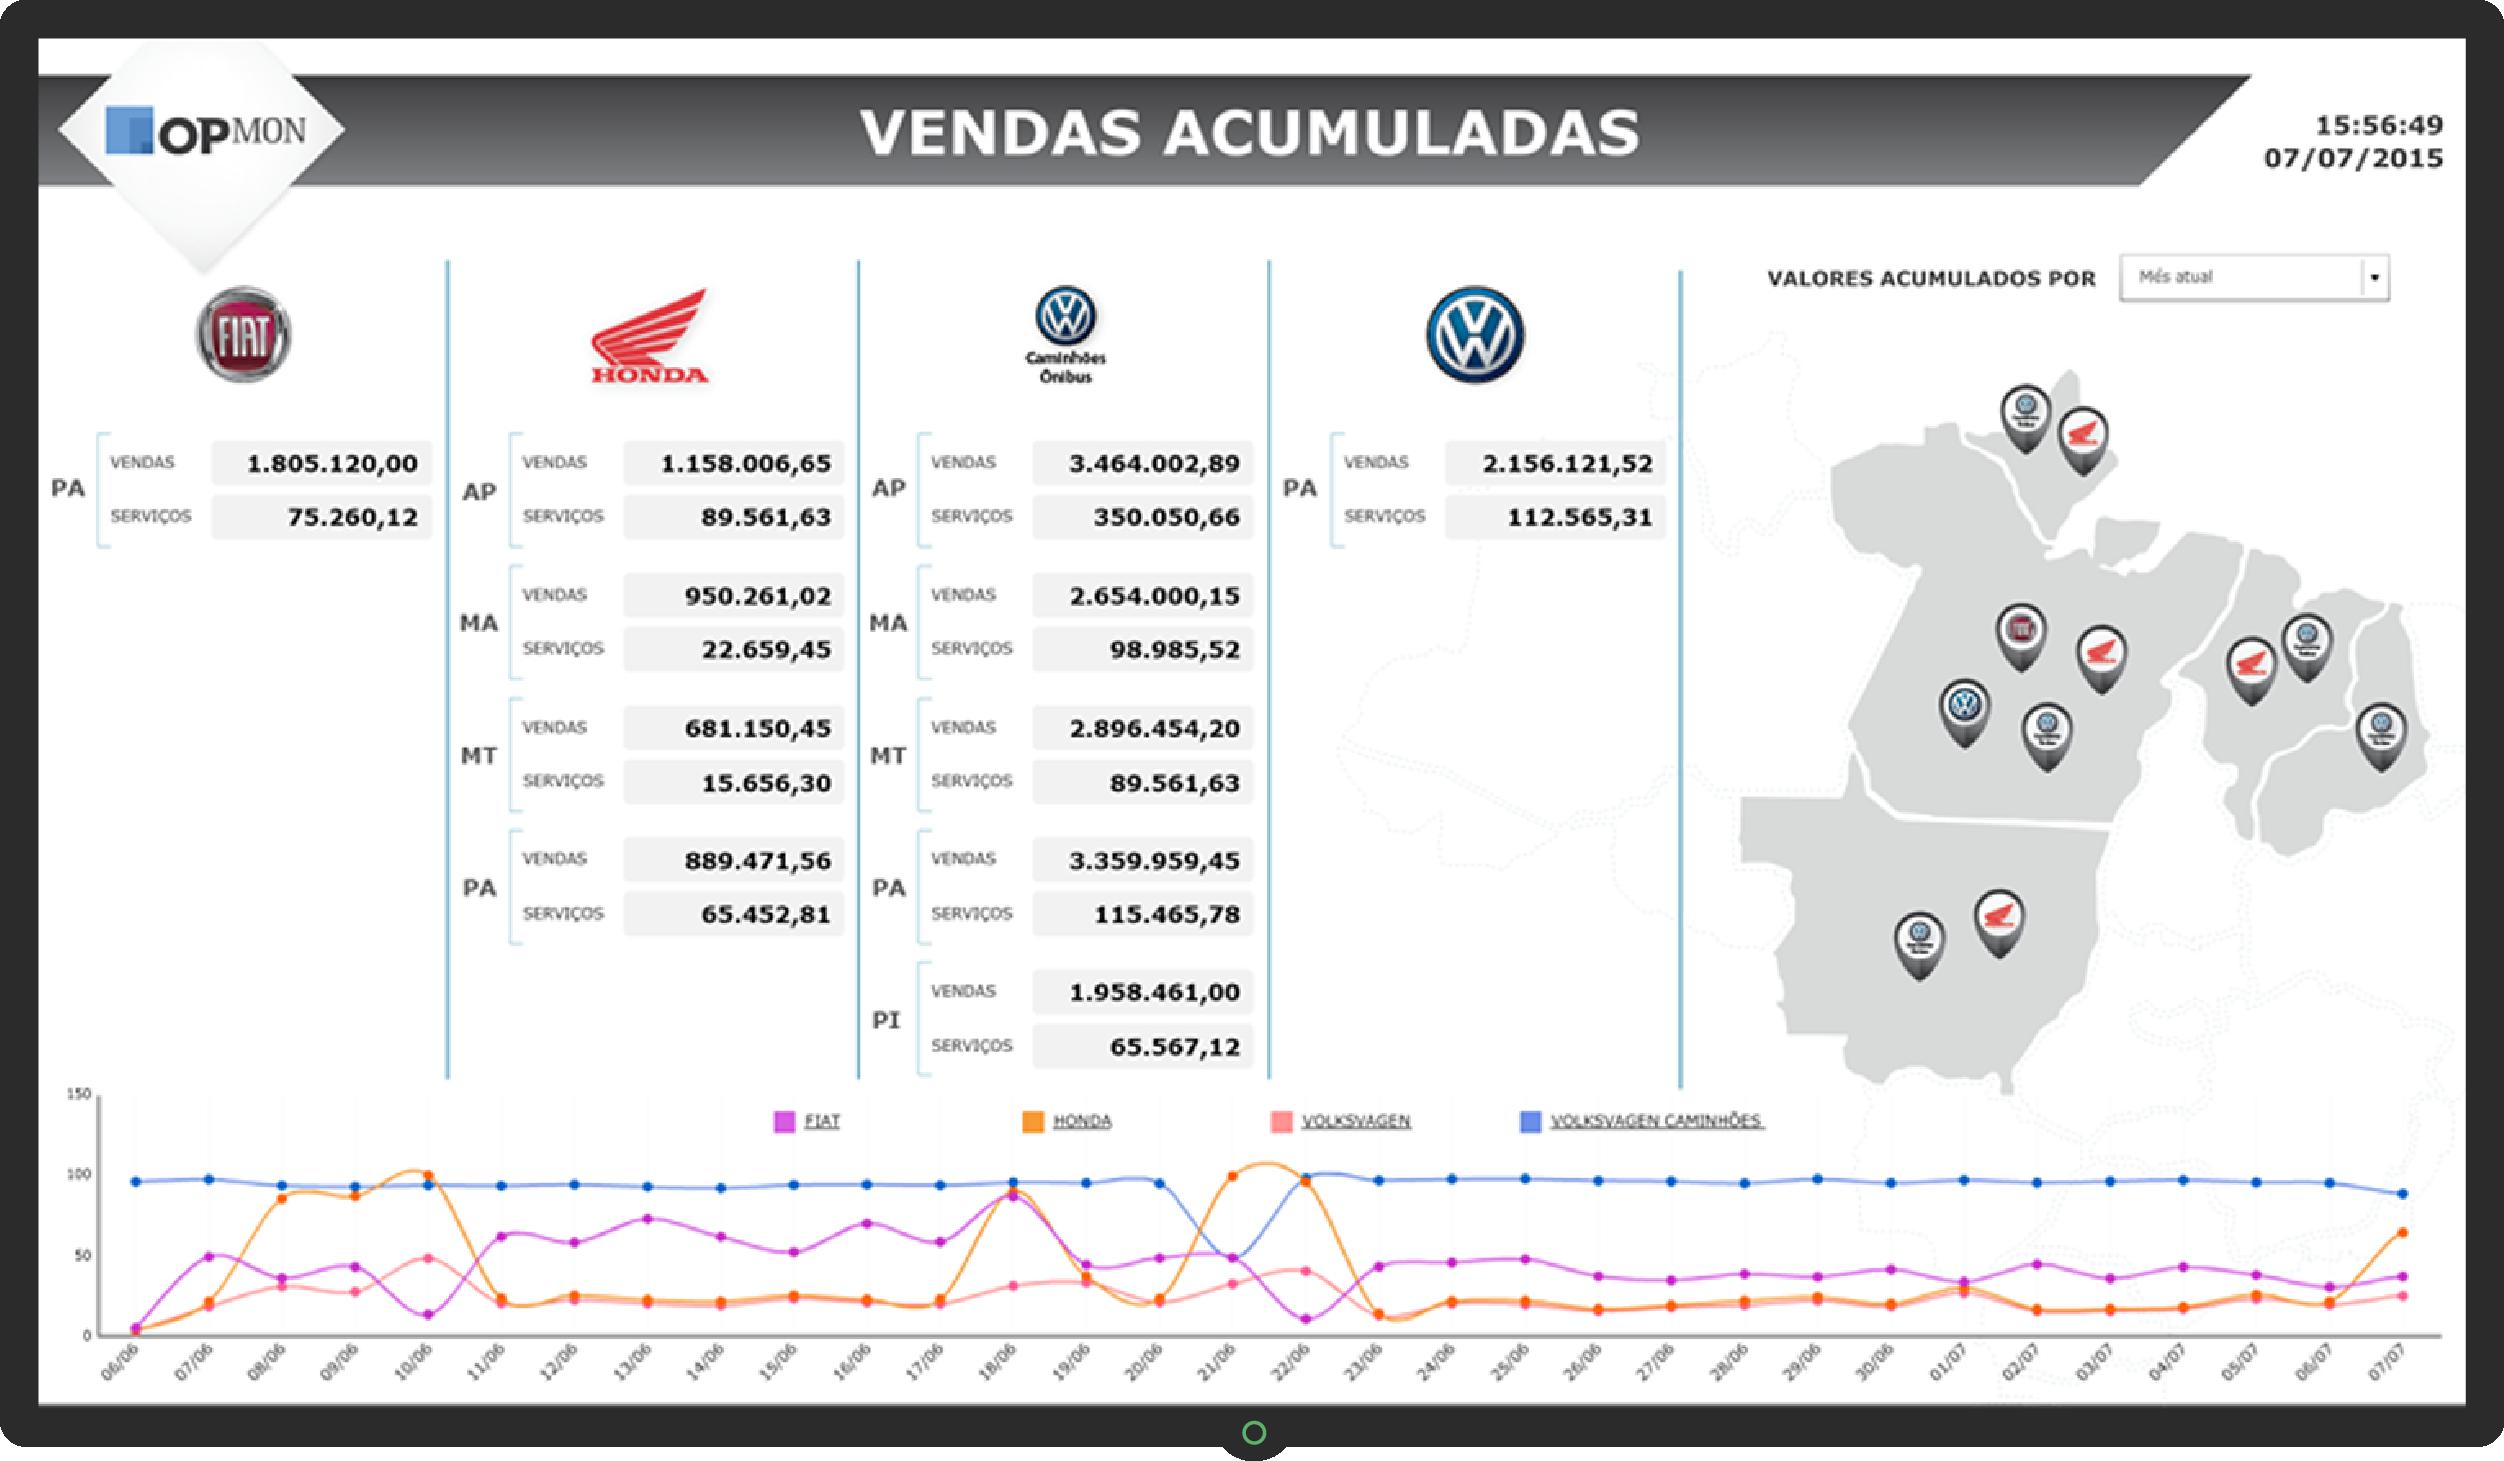 Dashboard de Marketing - Vendas de produtos por unidade